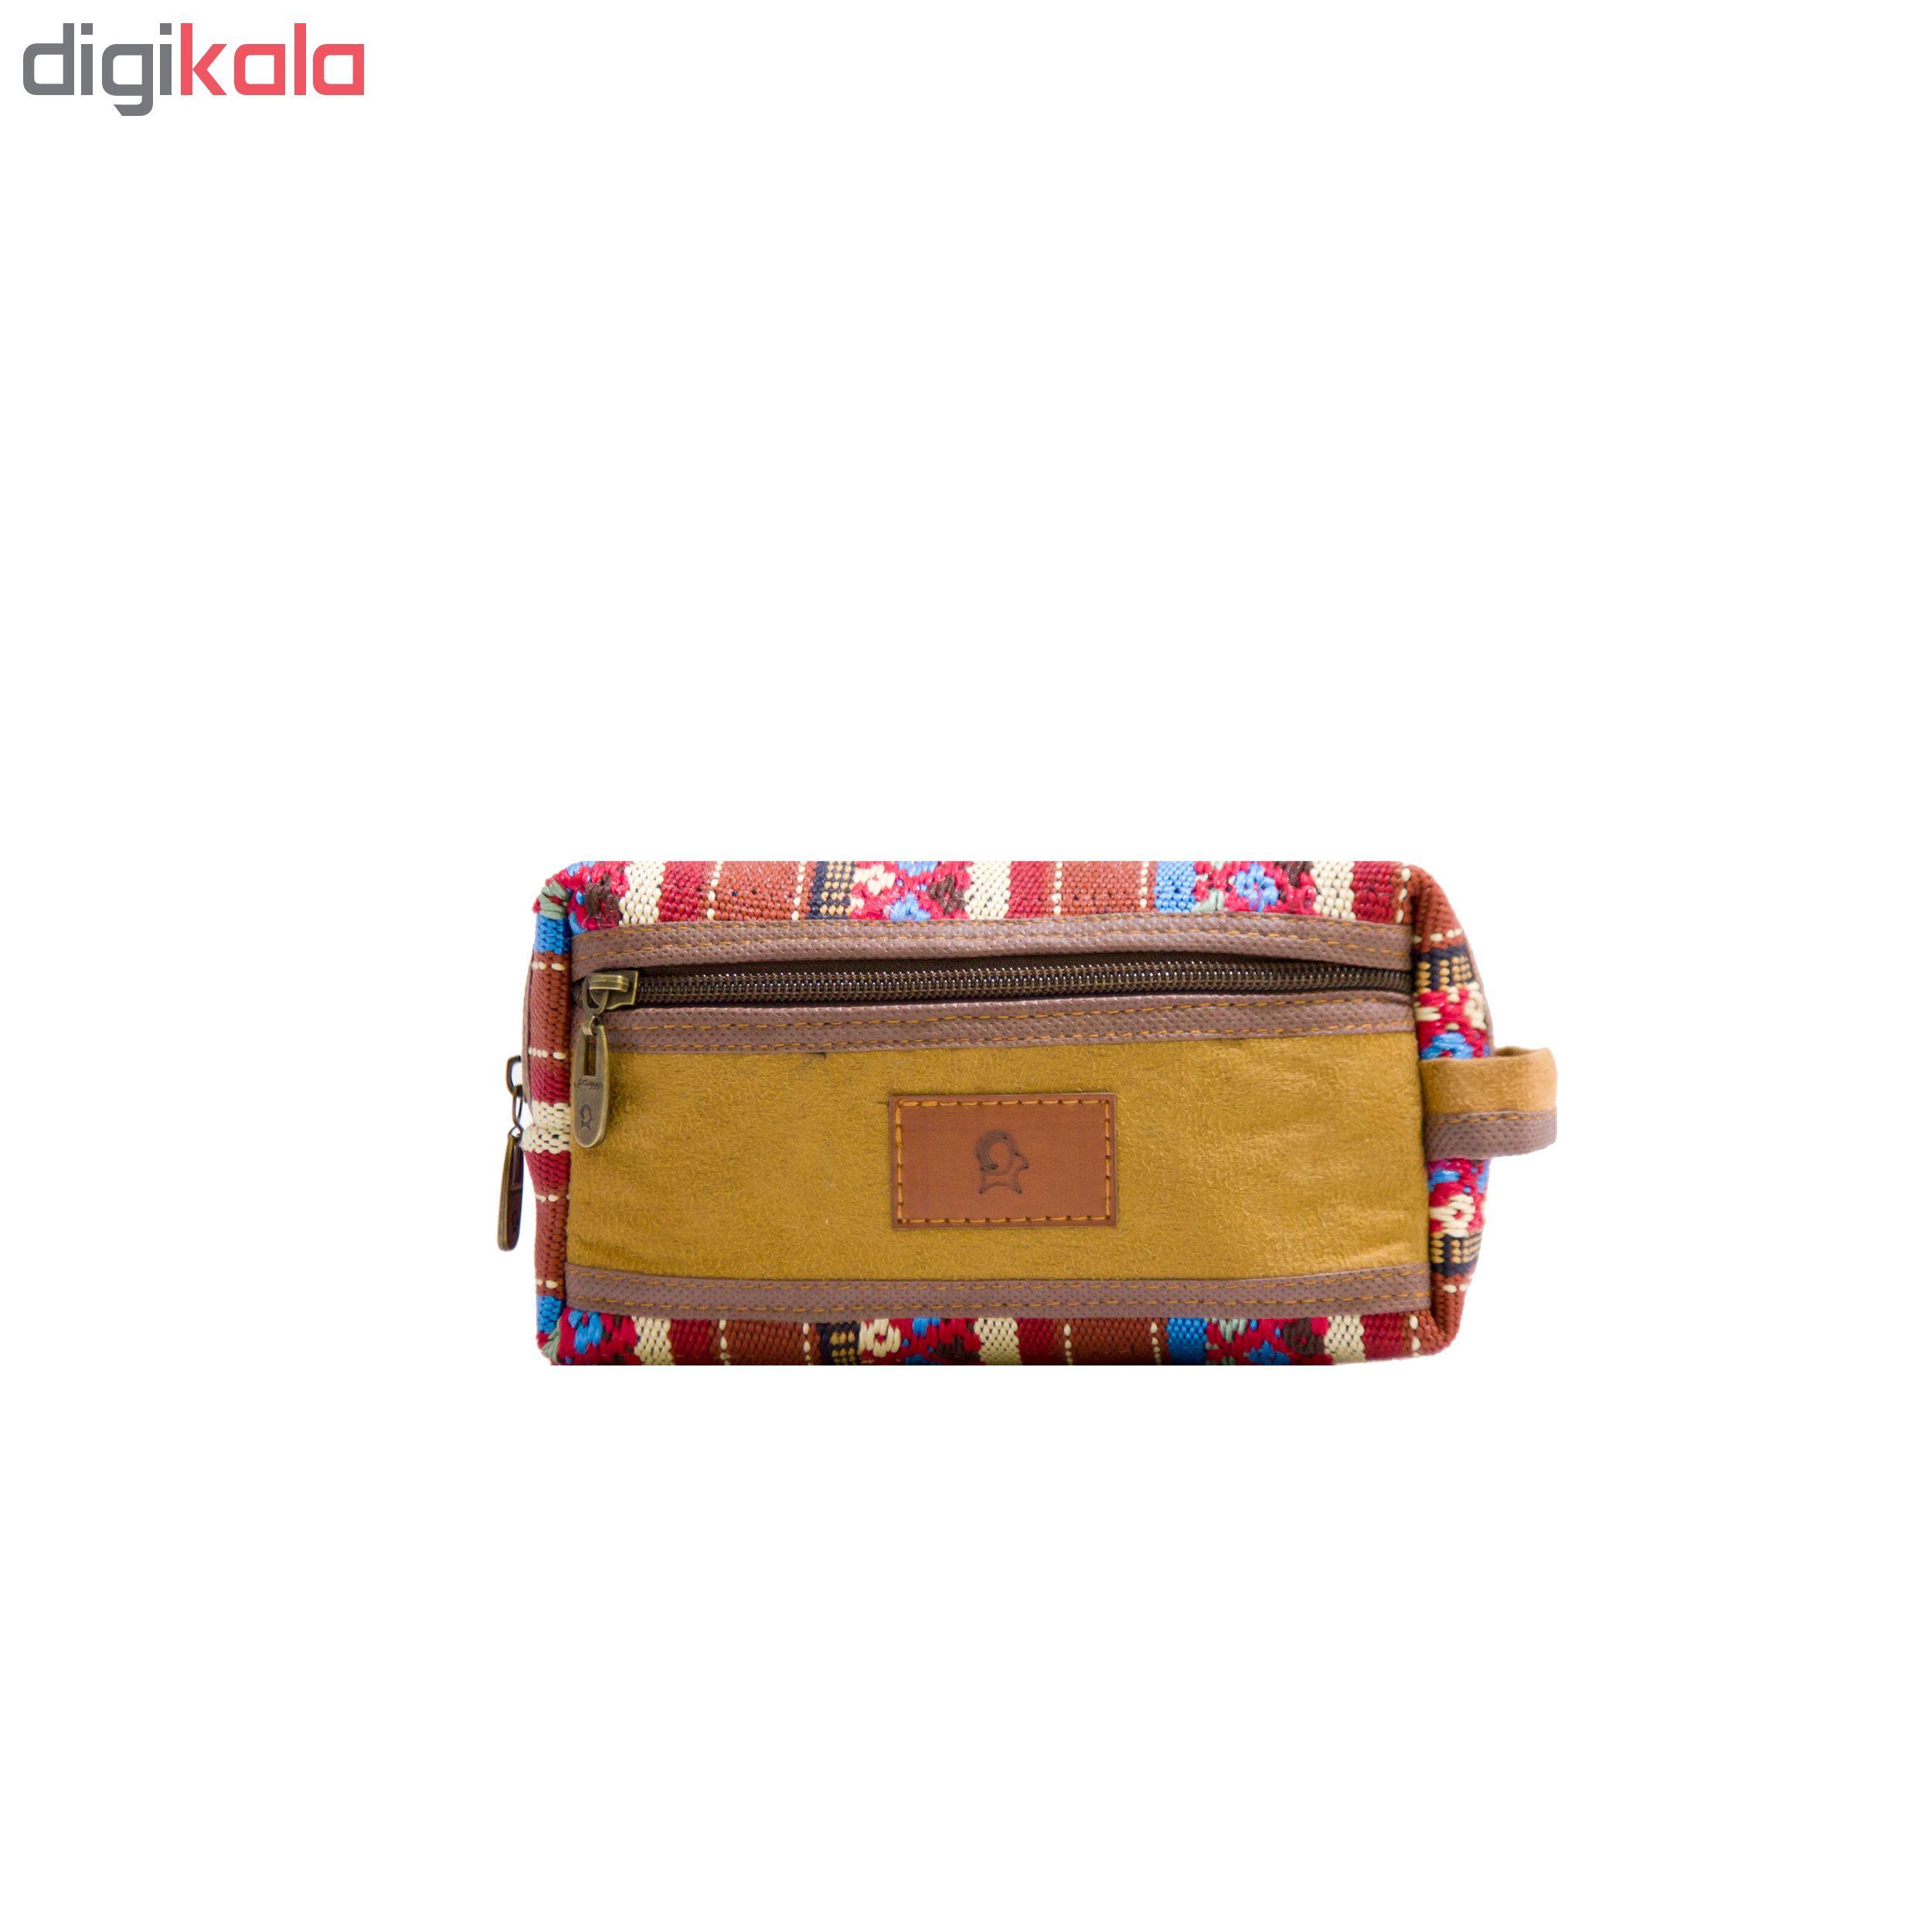 کیف لوازم آرایش دوراونتاش مدل minooB 875543